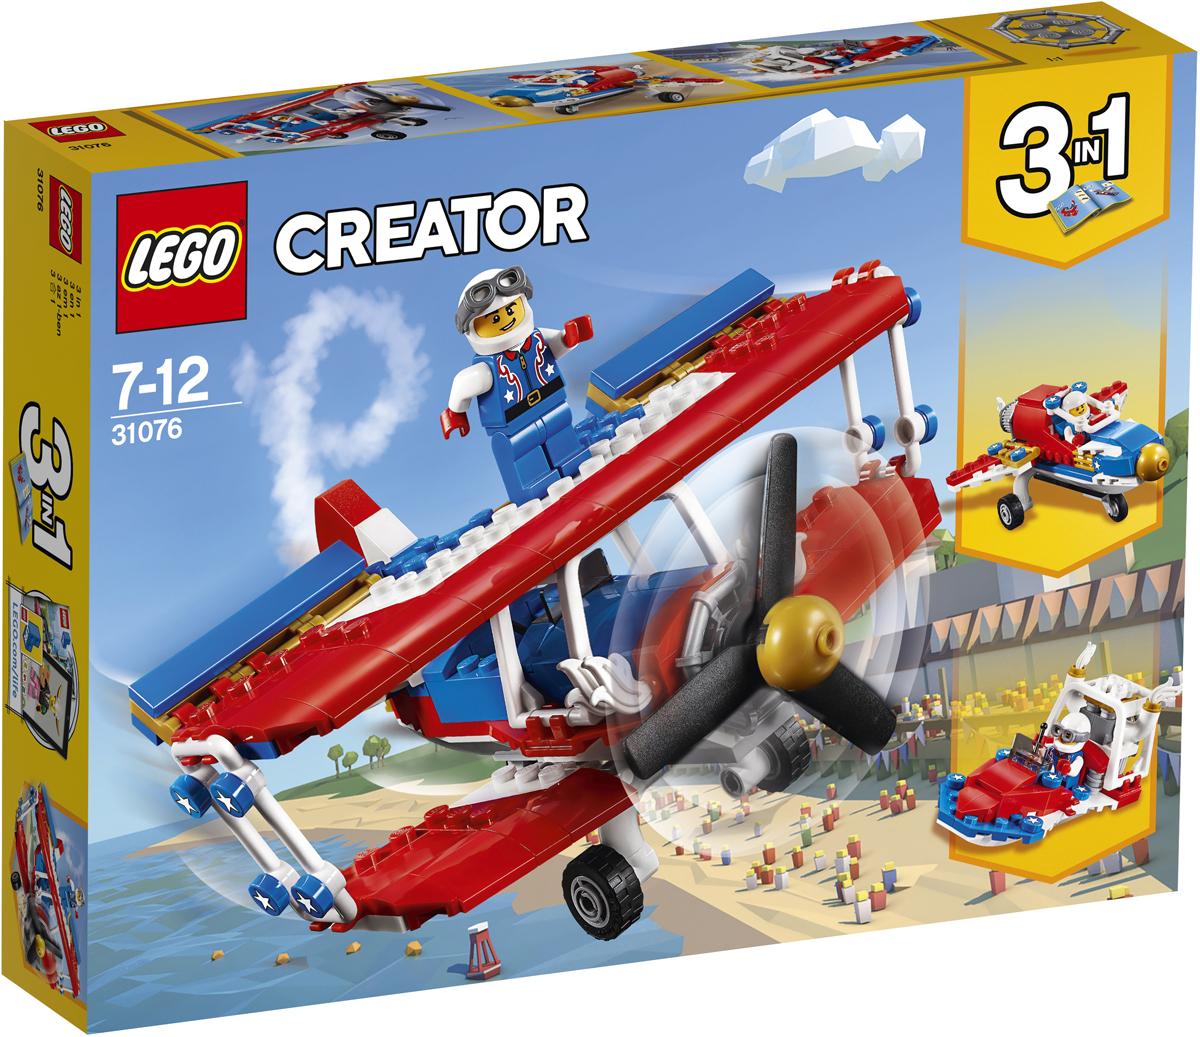 конструктор lego creator реактивный самолет 31042 LEGO Creator Конструктор Самолет для крутых трюков 31076